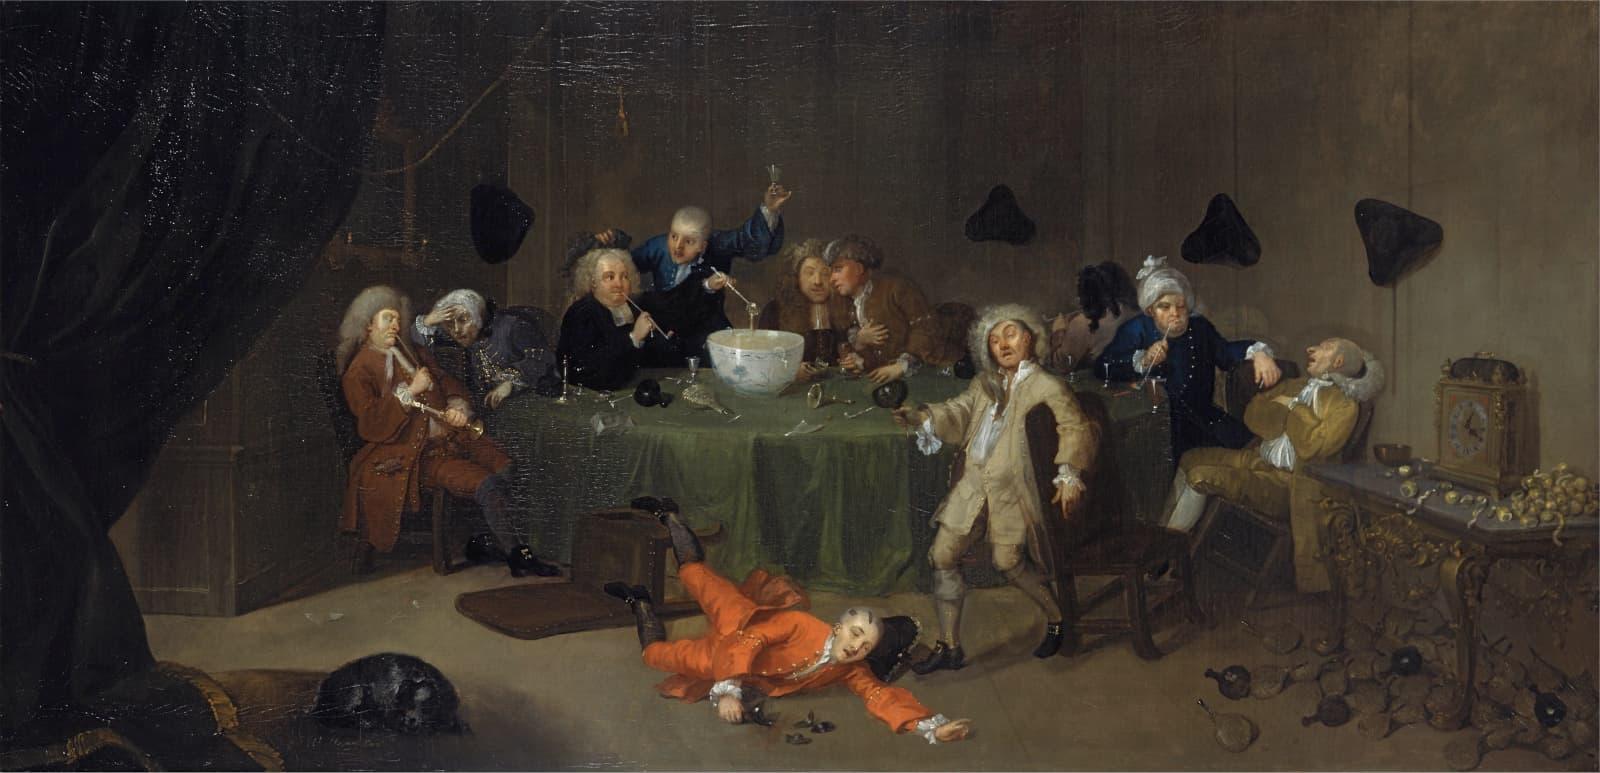 William Hogarth: A Midnight Modern Conversation, about 1732.